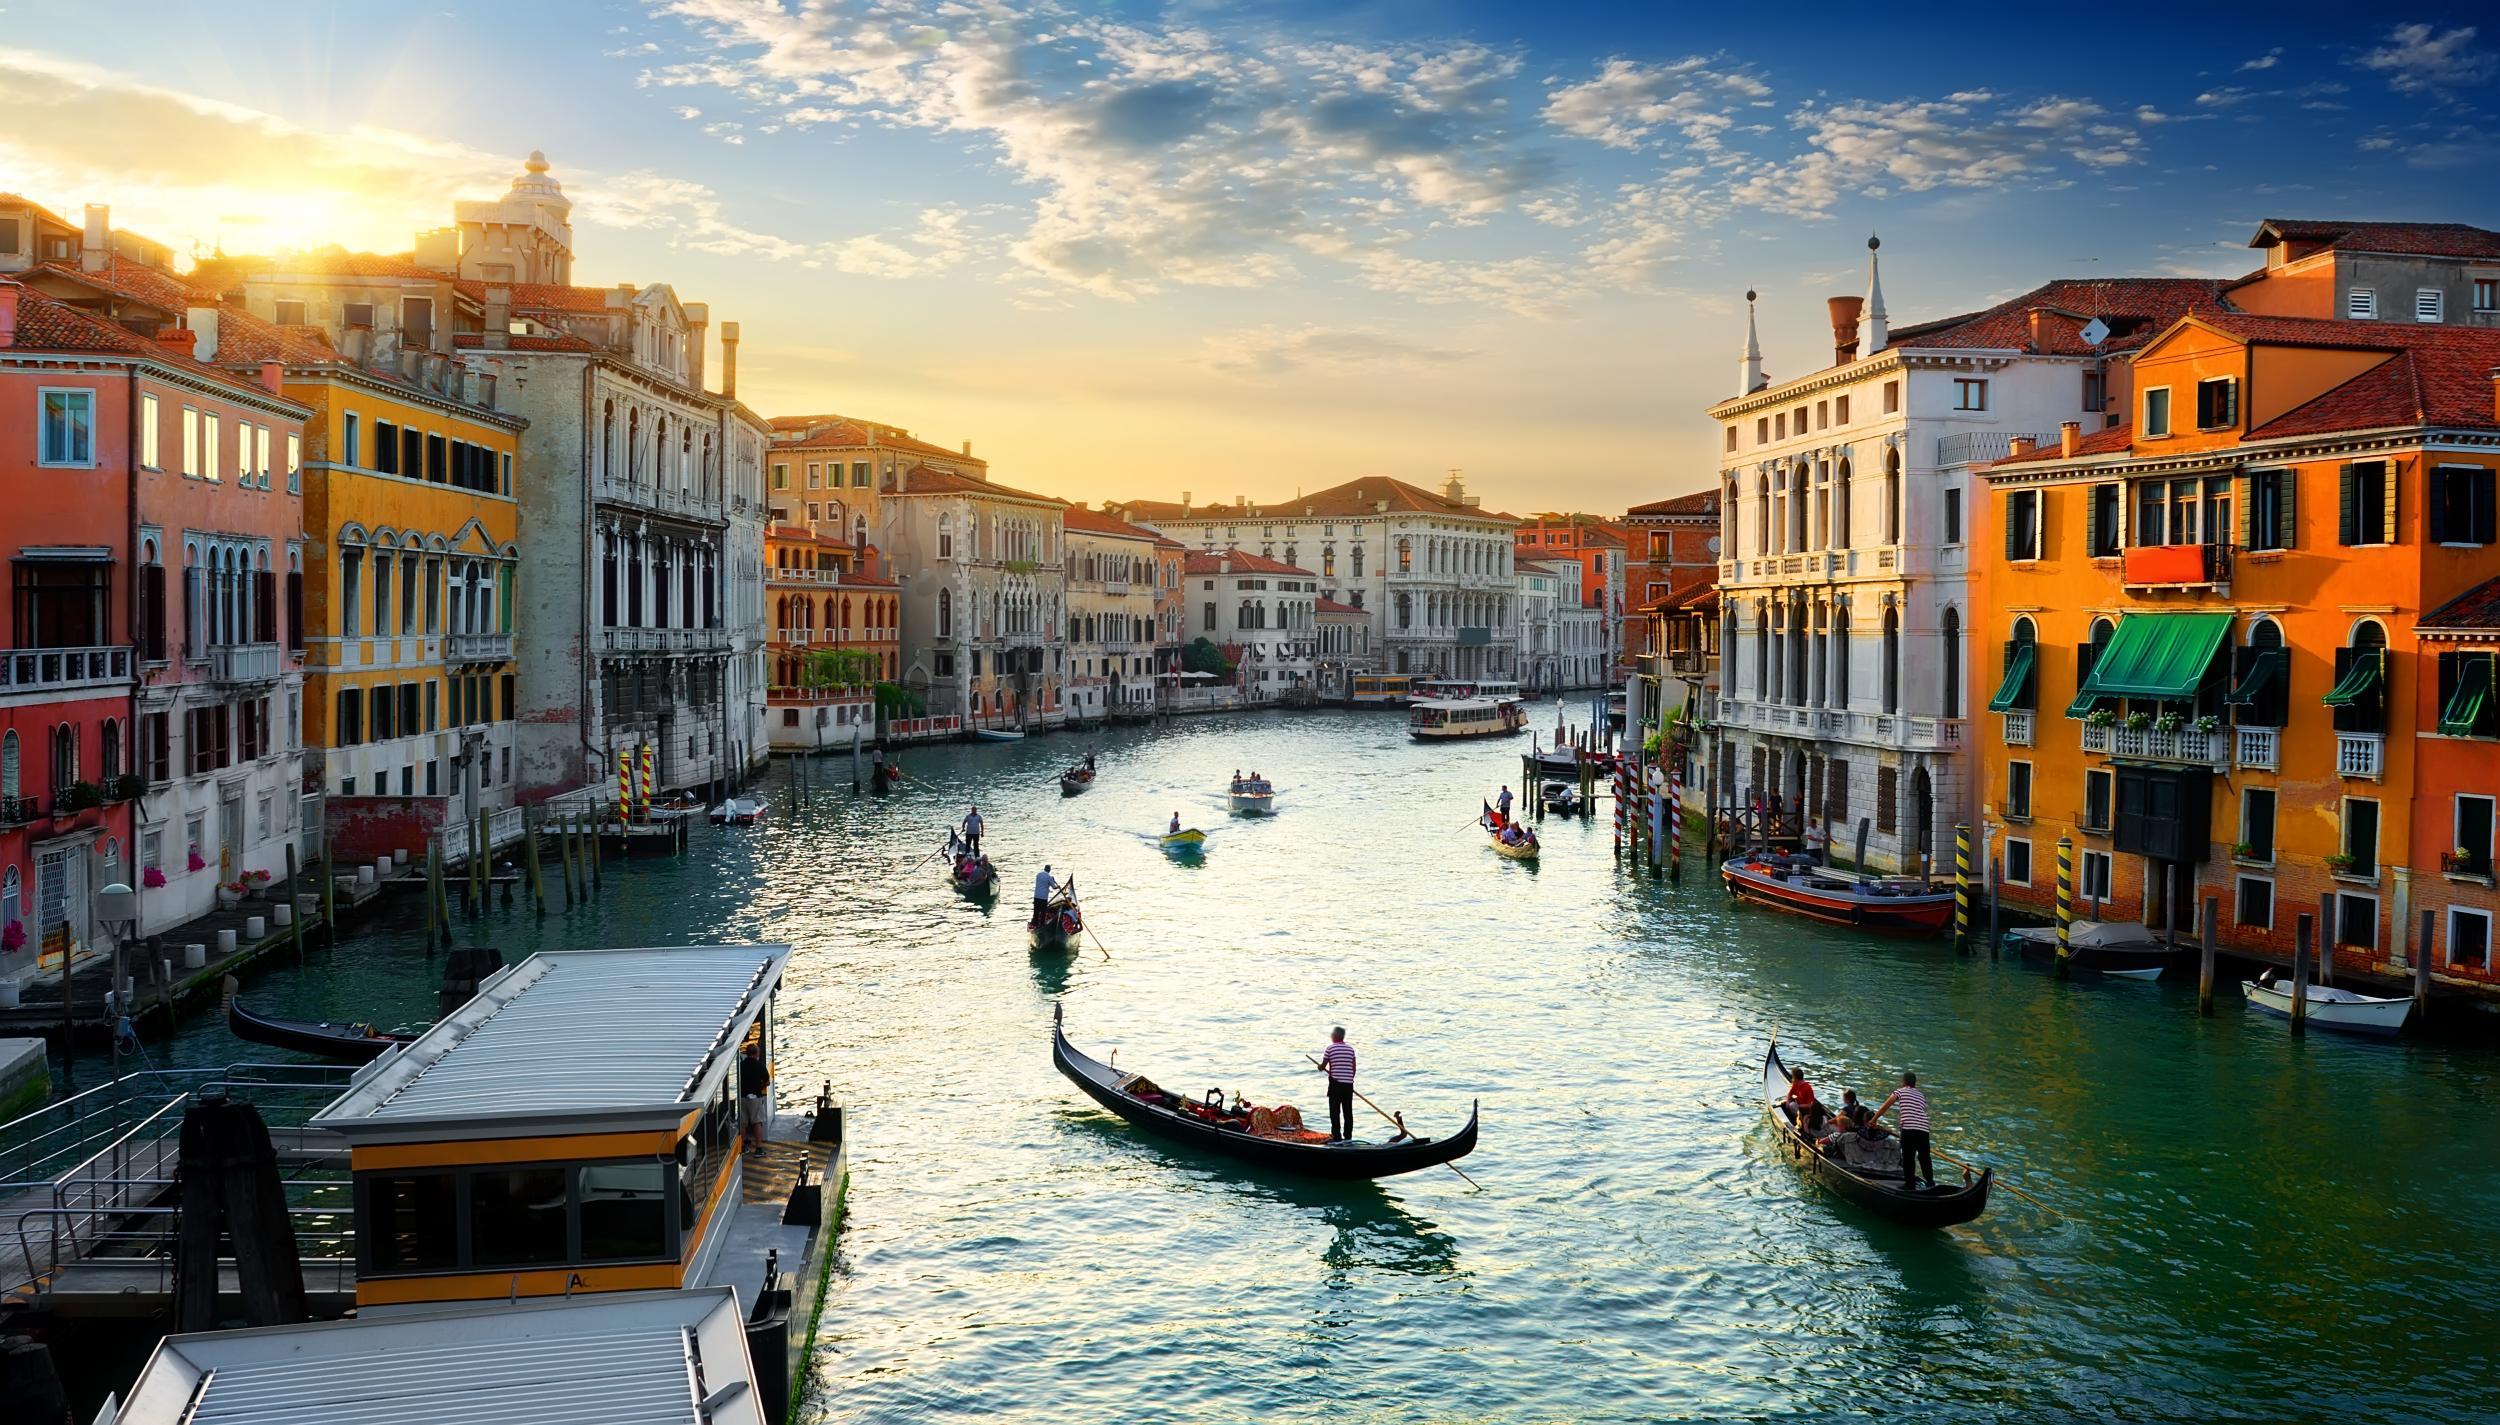 ونیز - جاذبههای گردشگری ایتالیا